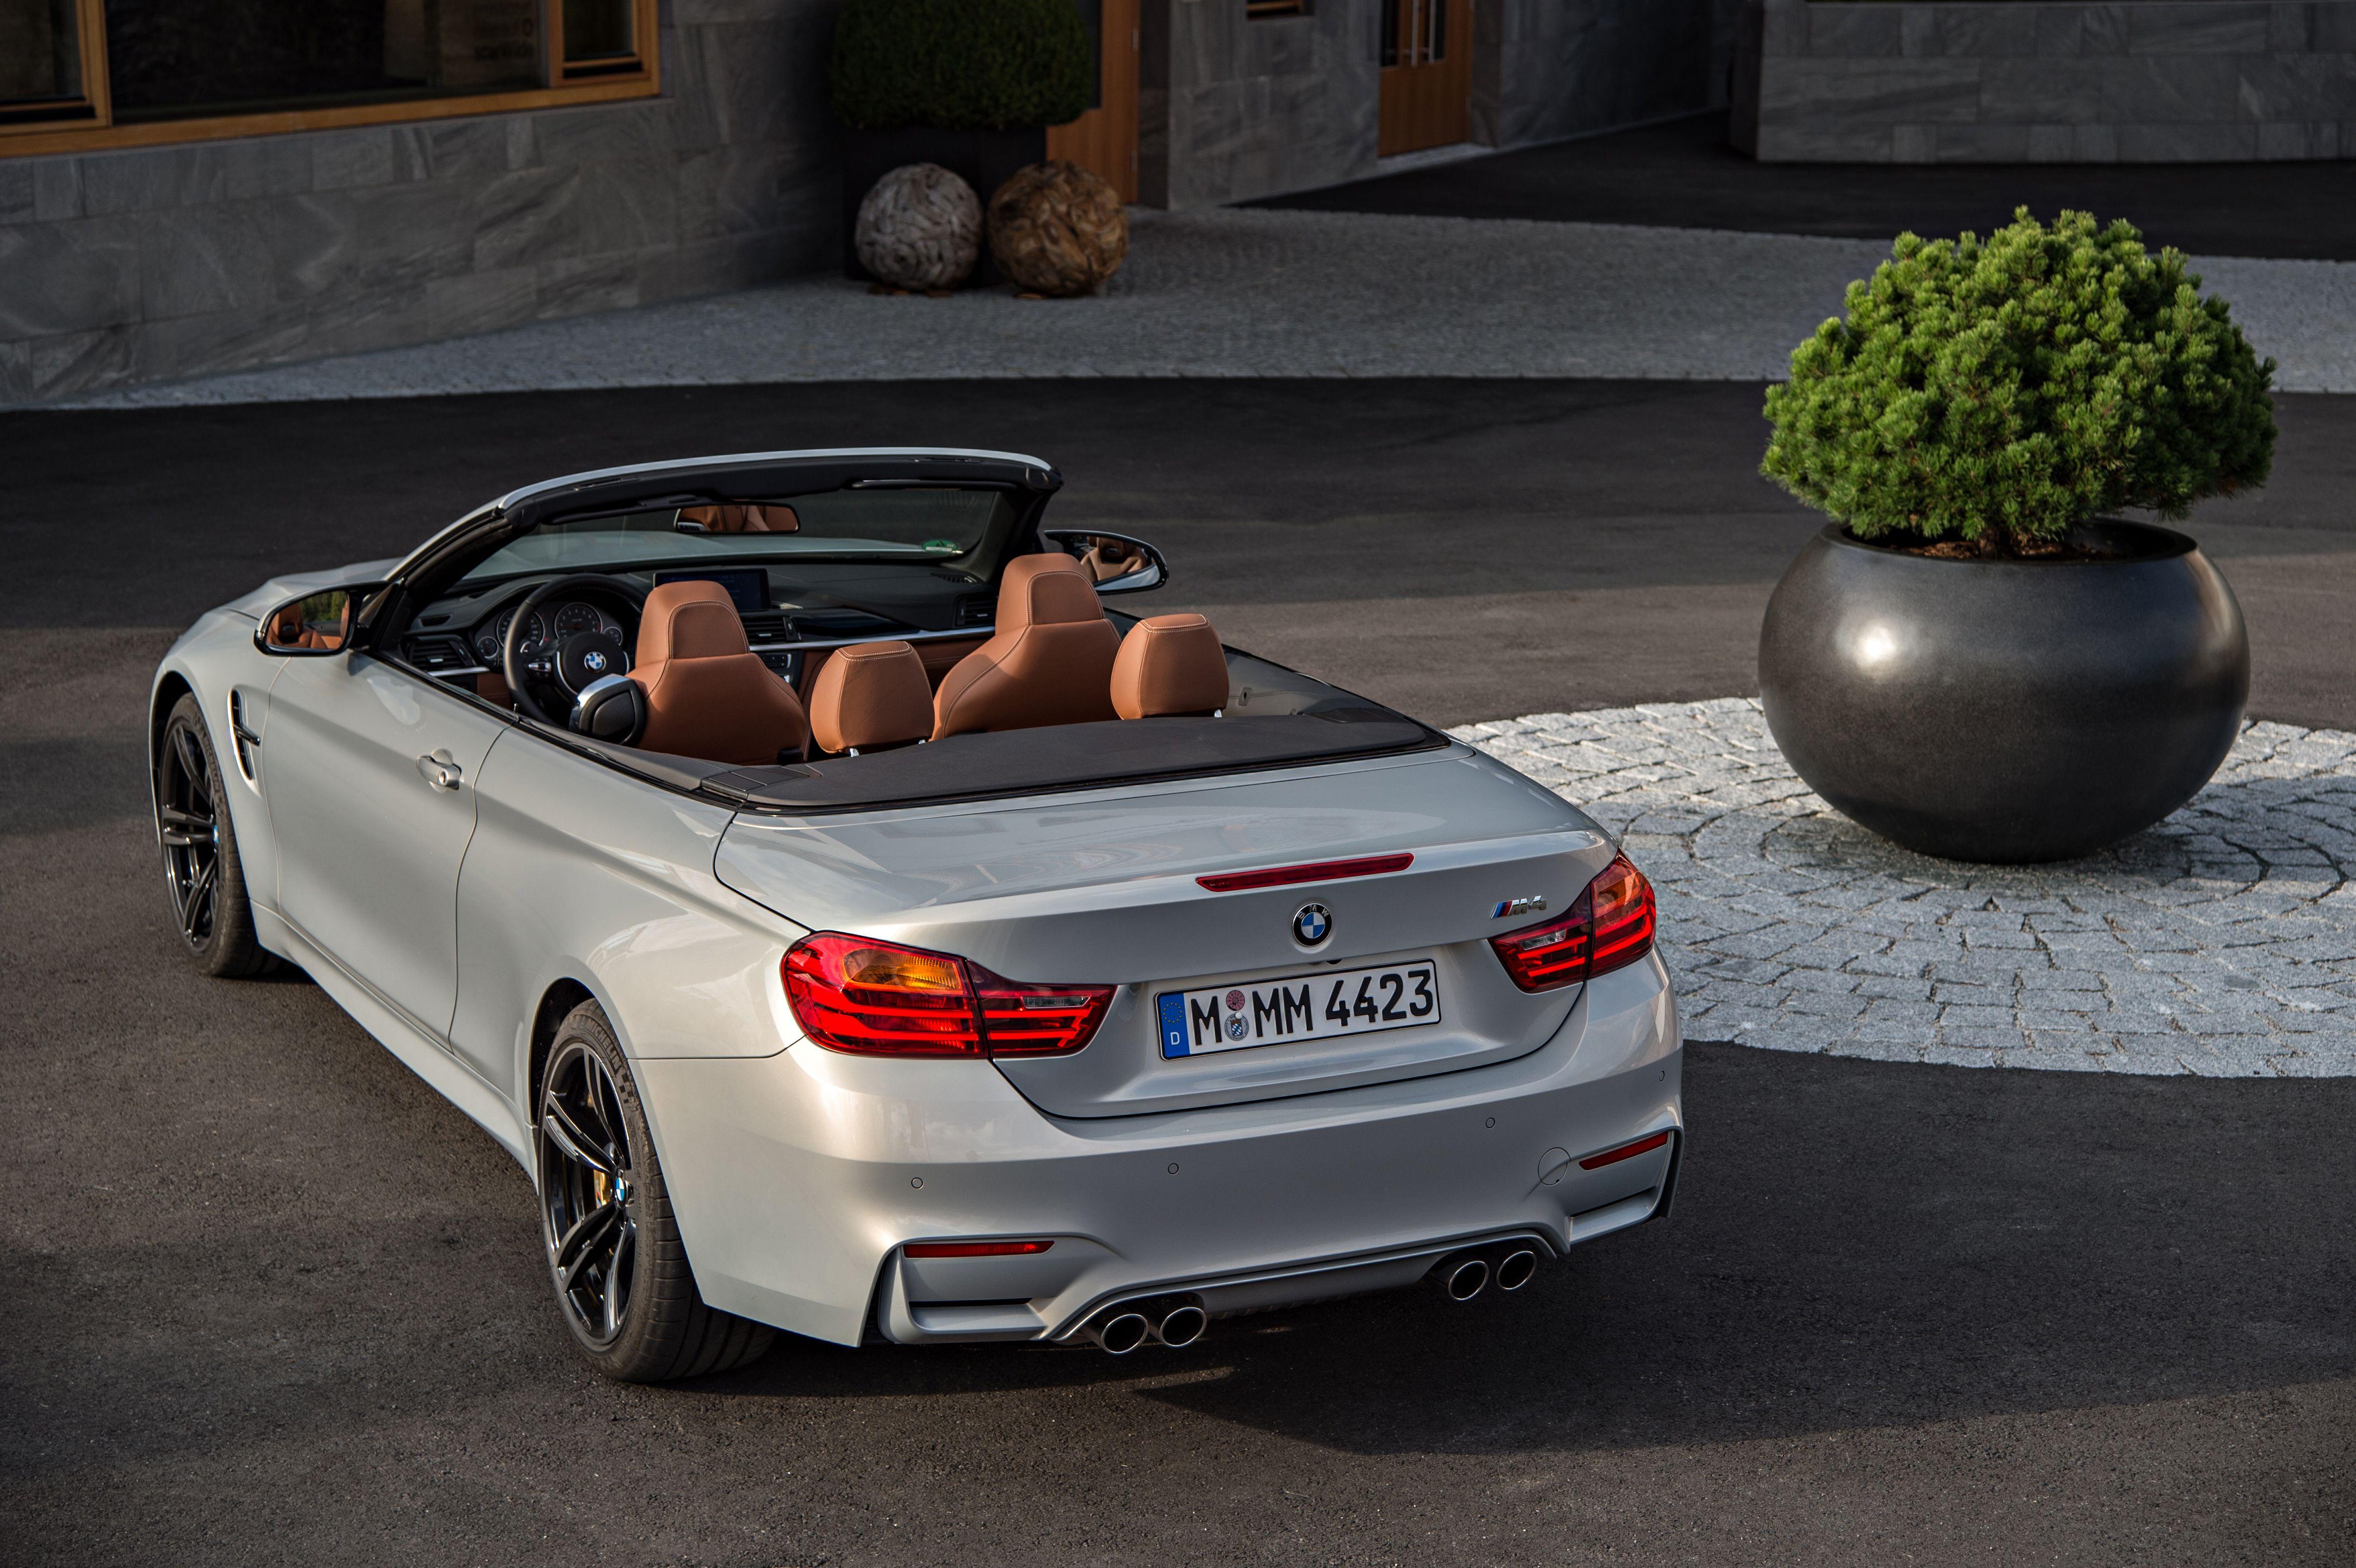 Pin By Gabriella On Cars In 2020 Bmw M4 2015 Bmw M4 Bmw